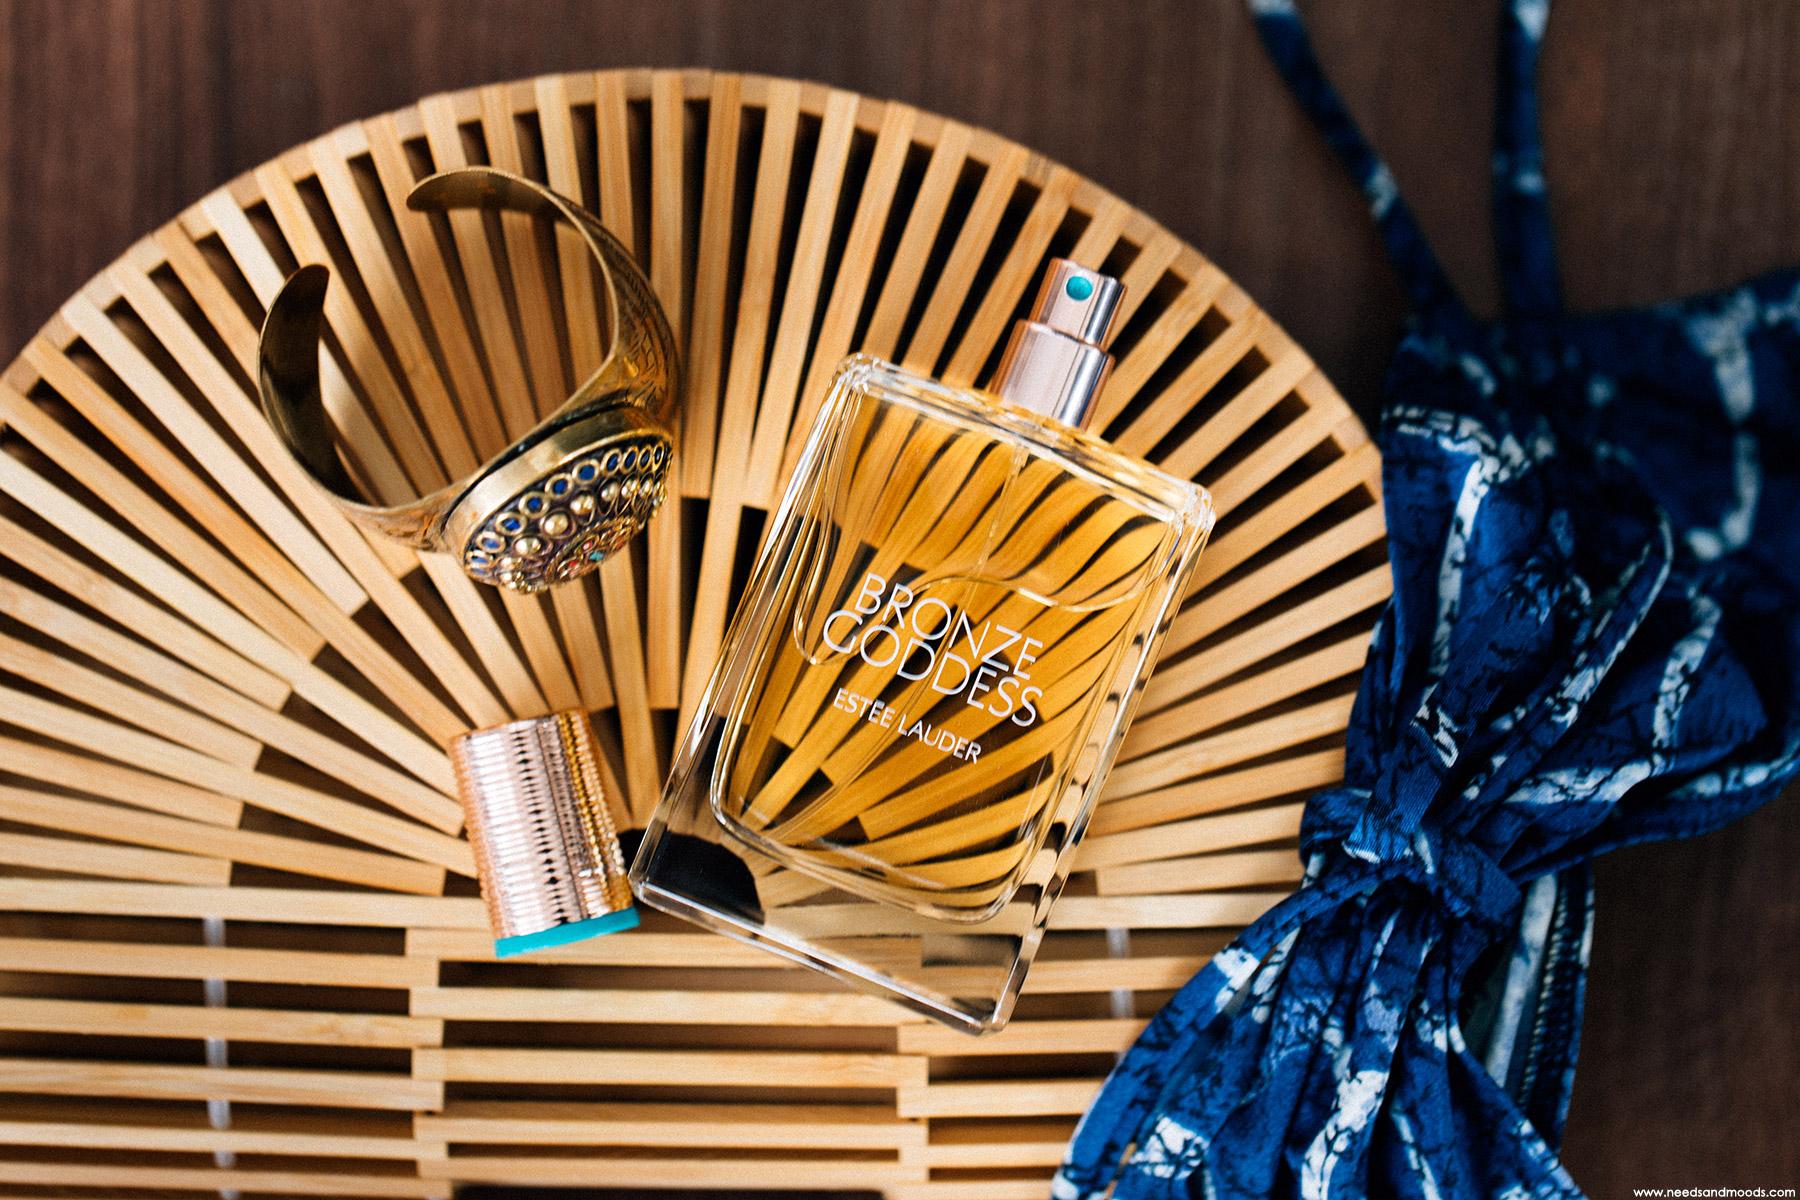 estee lauder parfum bronze goddess eau fraiche